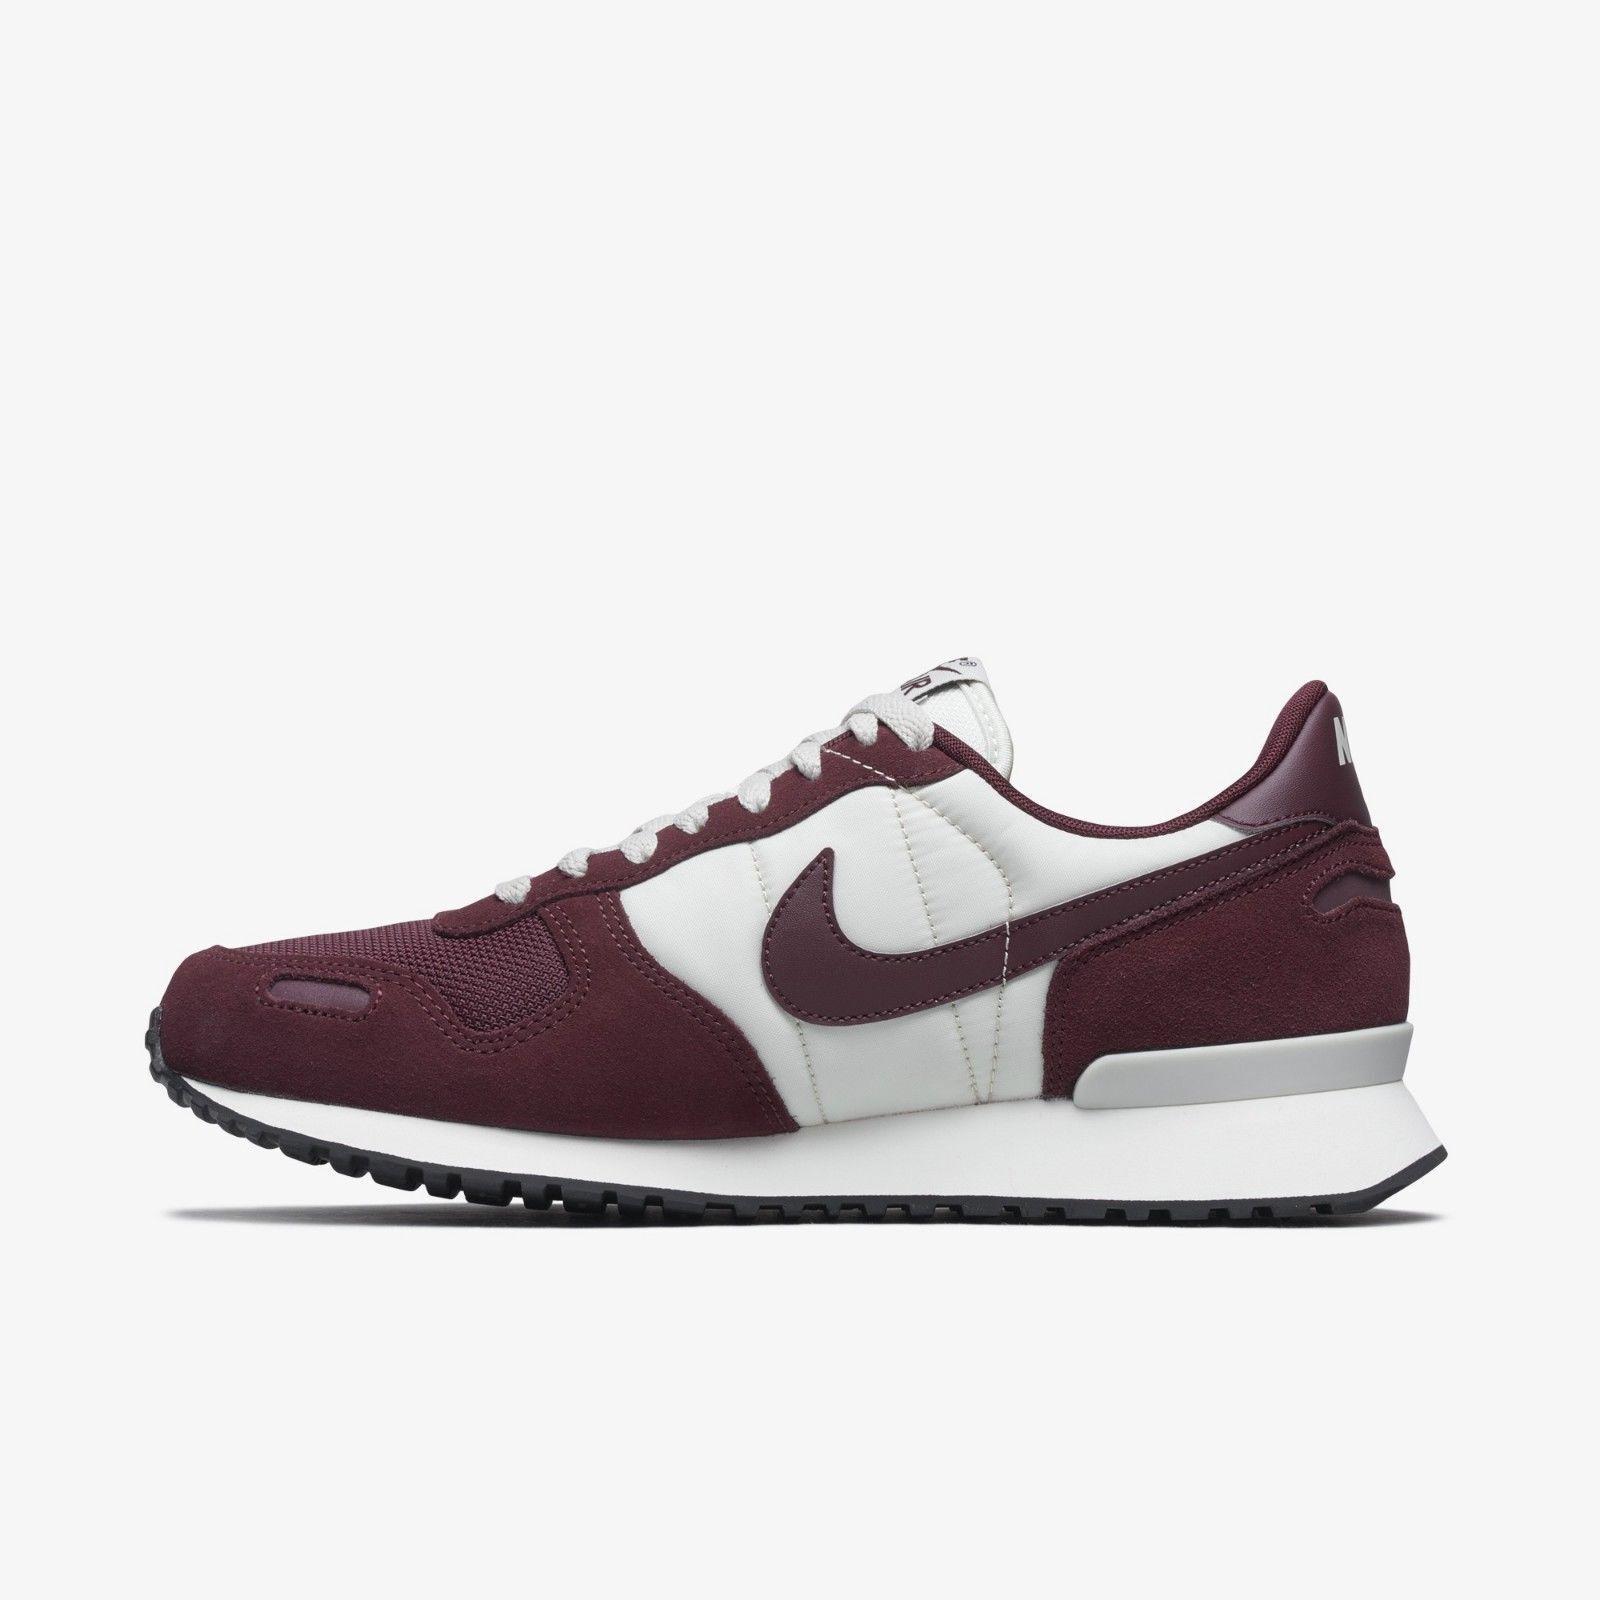 Nike Air Vortex size 8. Light Bone Burgundy. 903896-013. internationalist max